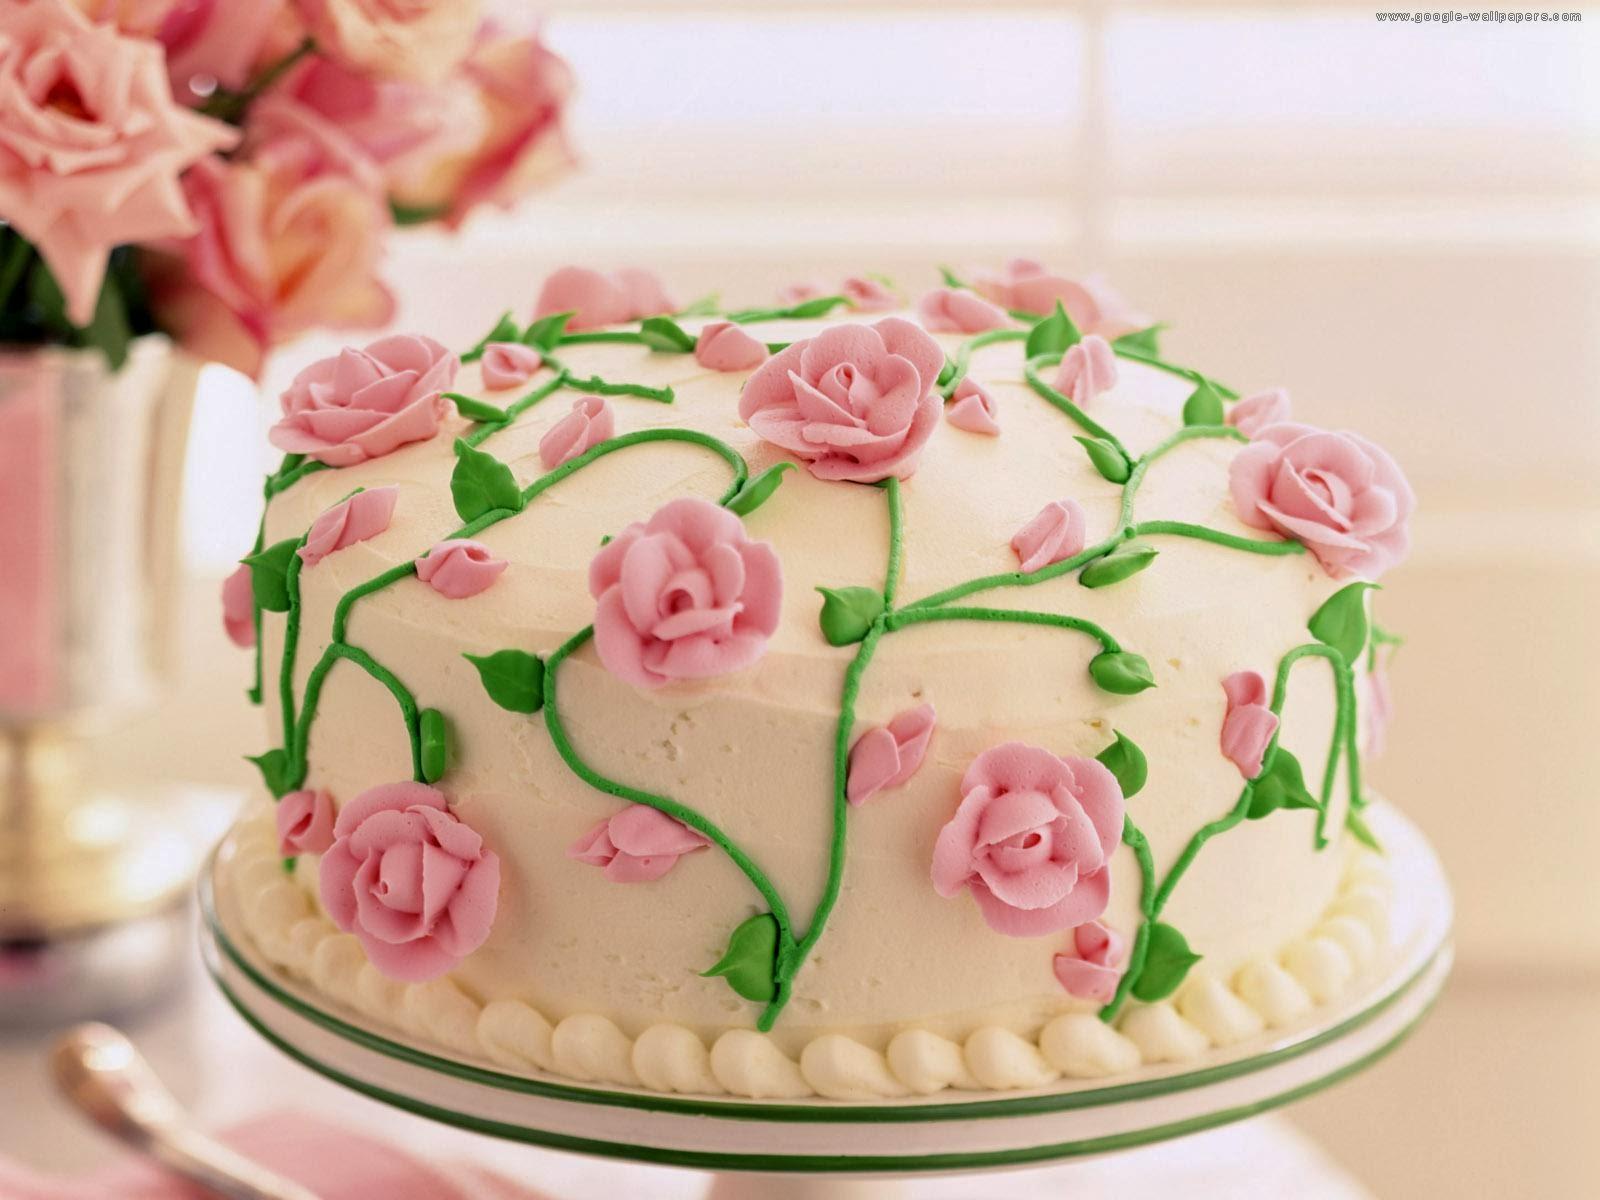 Birthday Cake Heydanixo